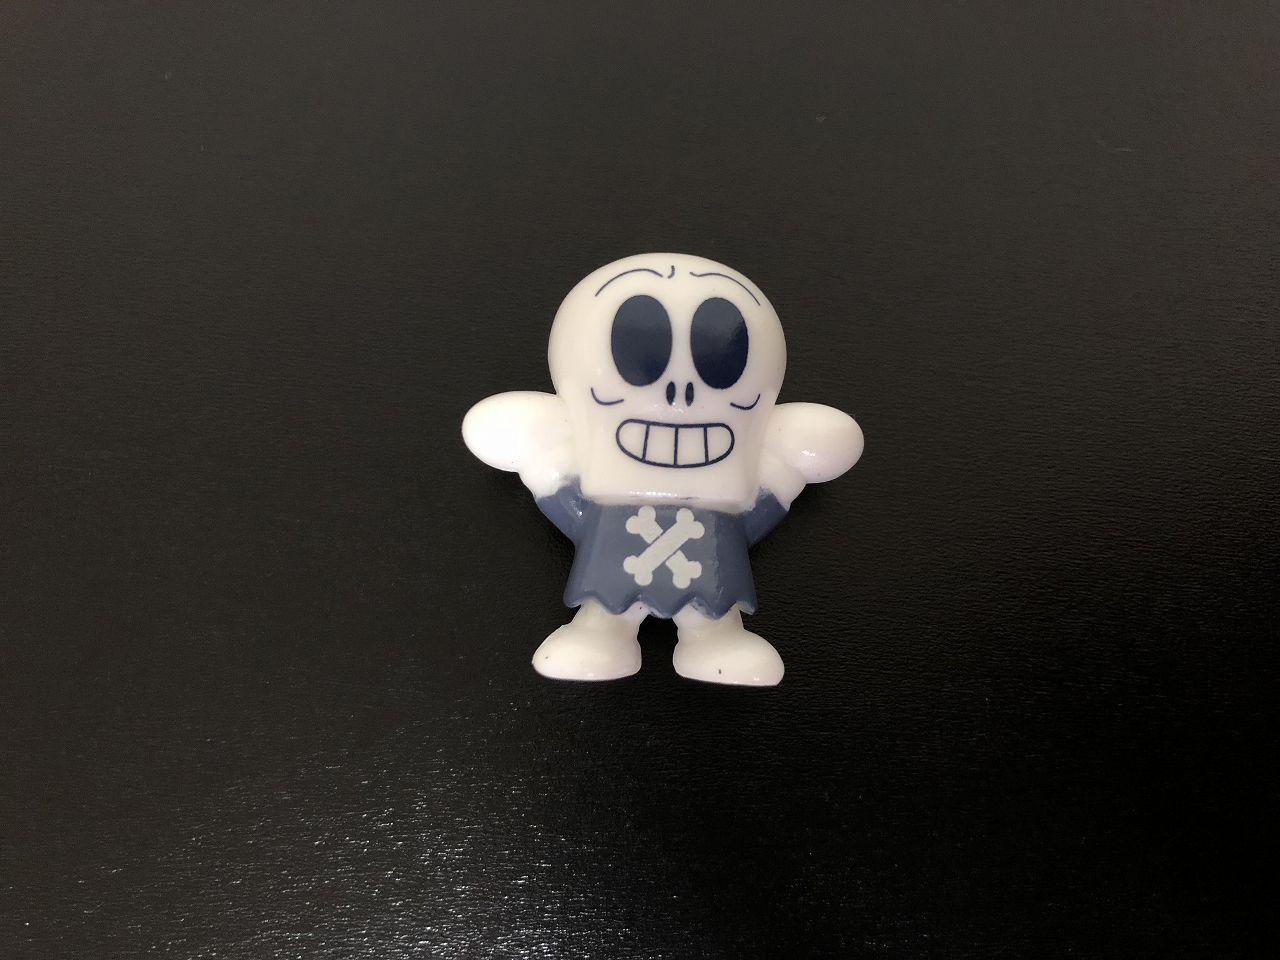 ホラーマンの人形